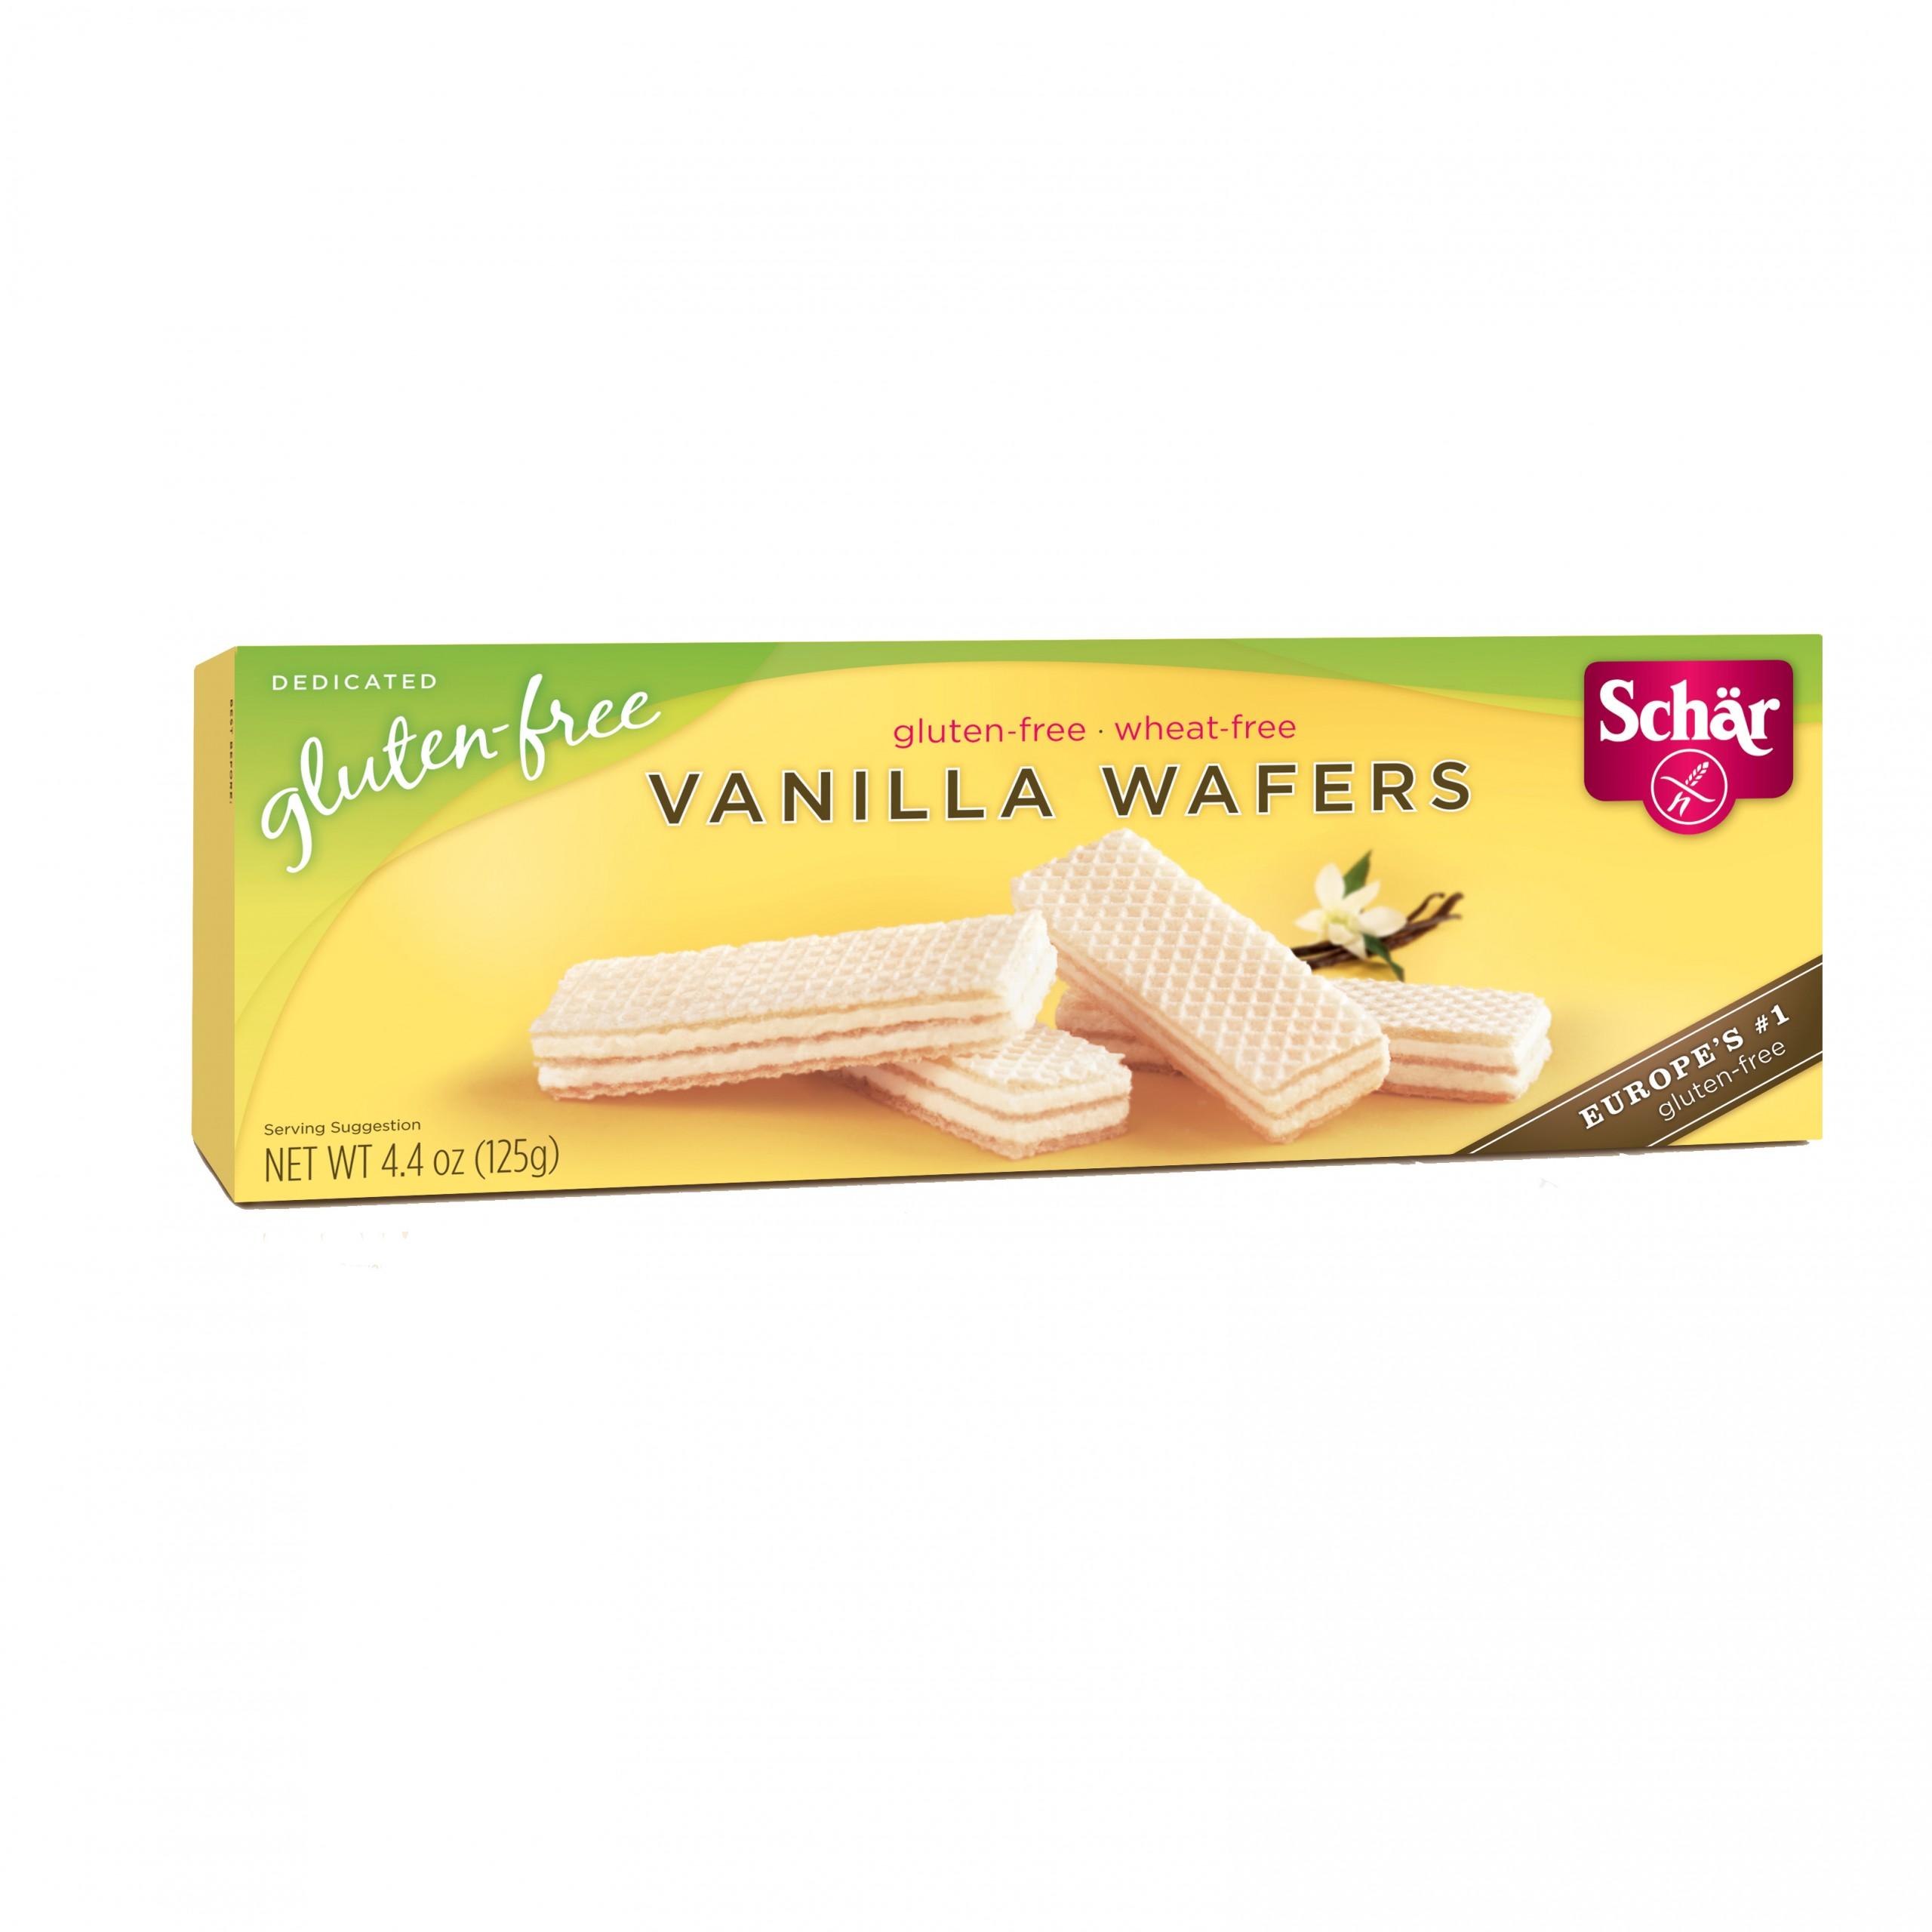 WAFER, VANILLA GLUTEN-FREE SCHAR - 12/4.4 OZ - Food ...